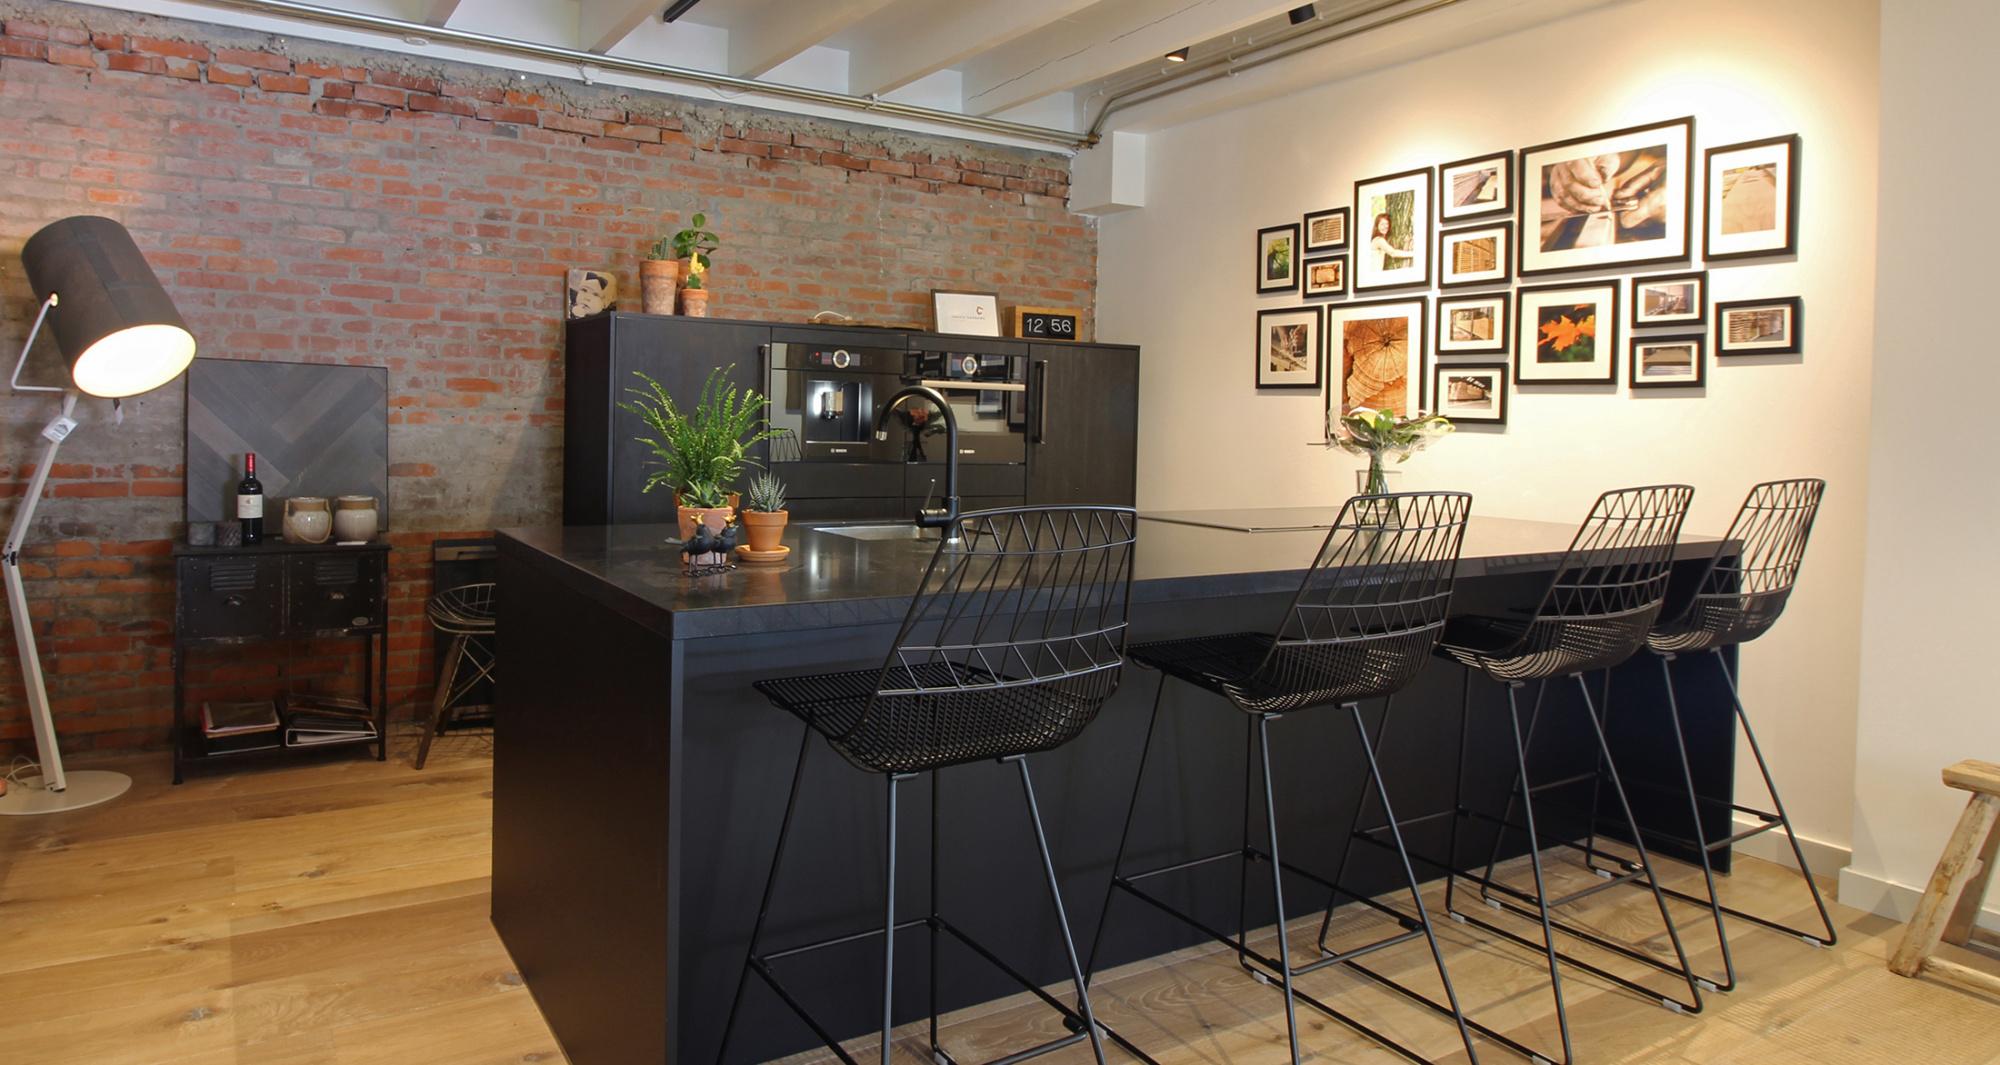 Prachtige zwarte keuken inhuis keukens